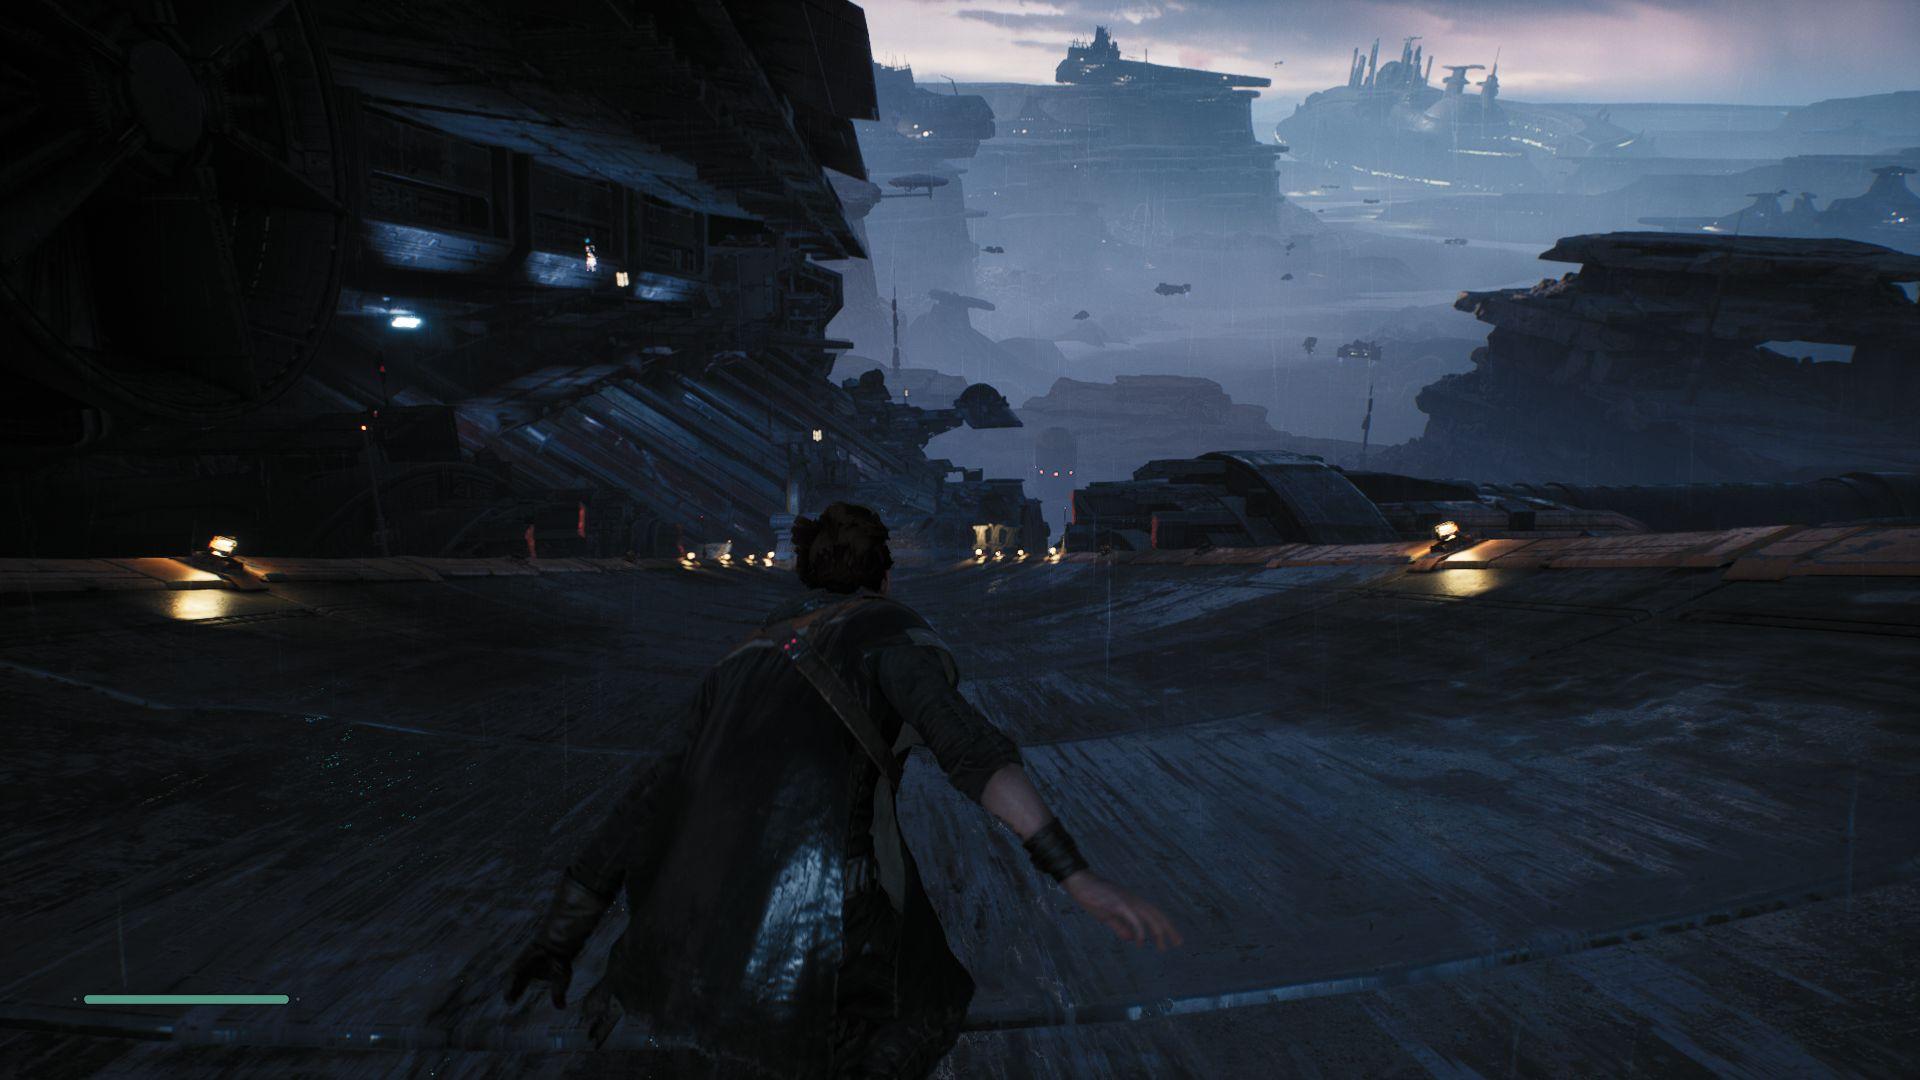 00018.Jpg - Star Wars Jedi: Fallen Order